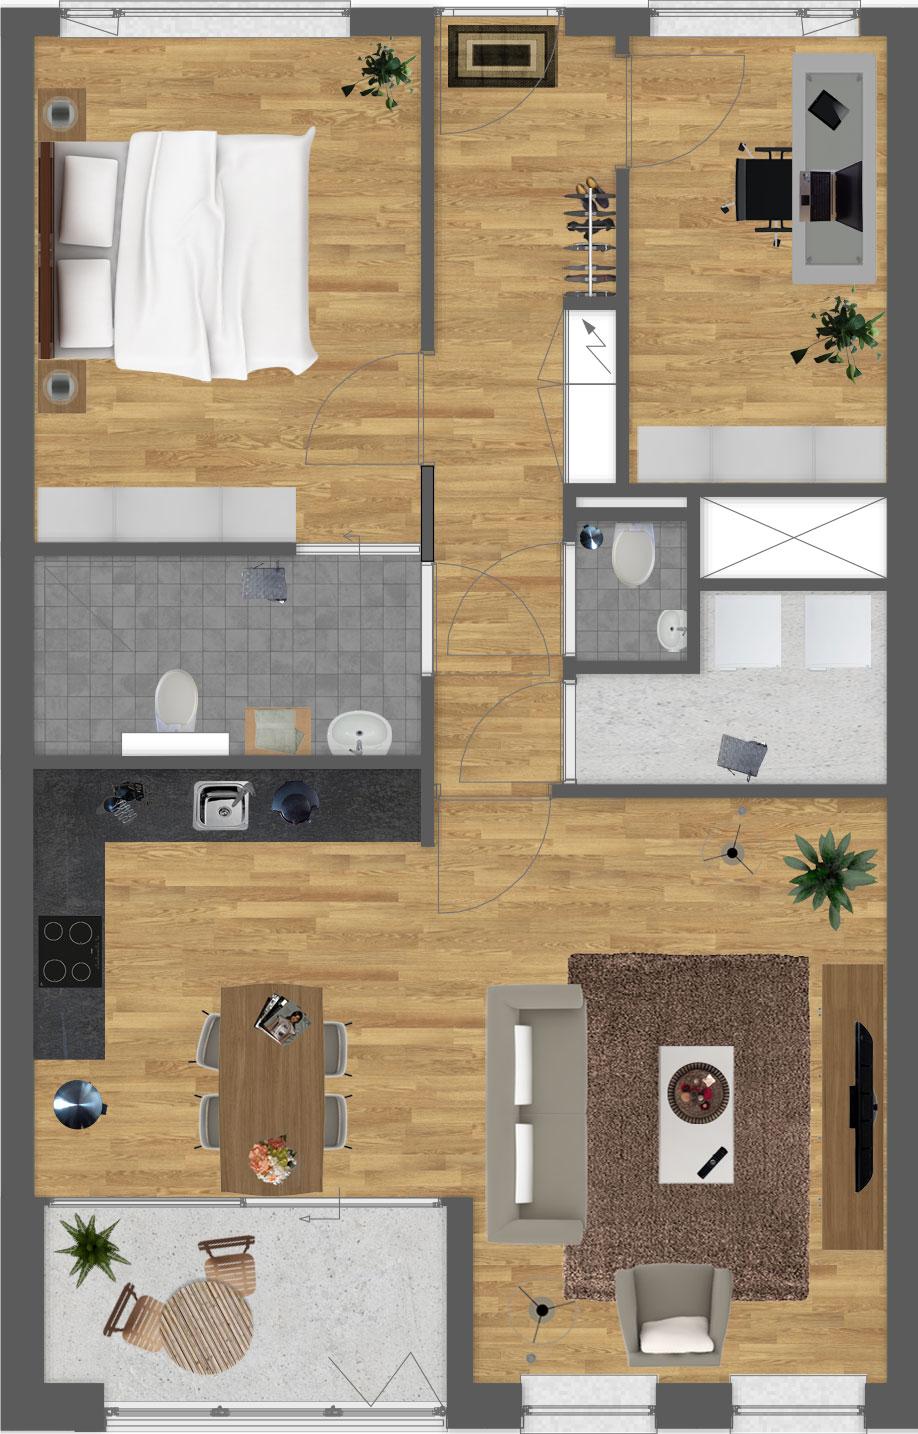 Download plattegronden als PDF Bekijk 3D impressie